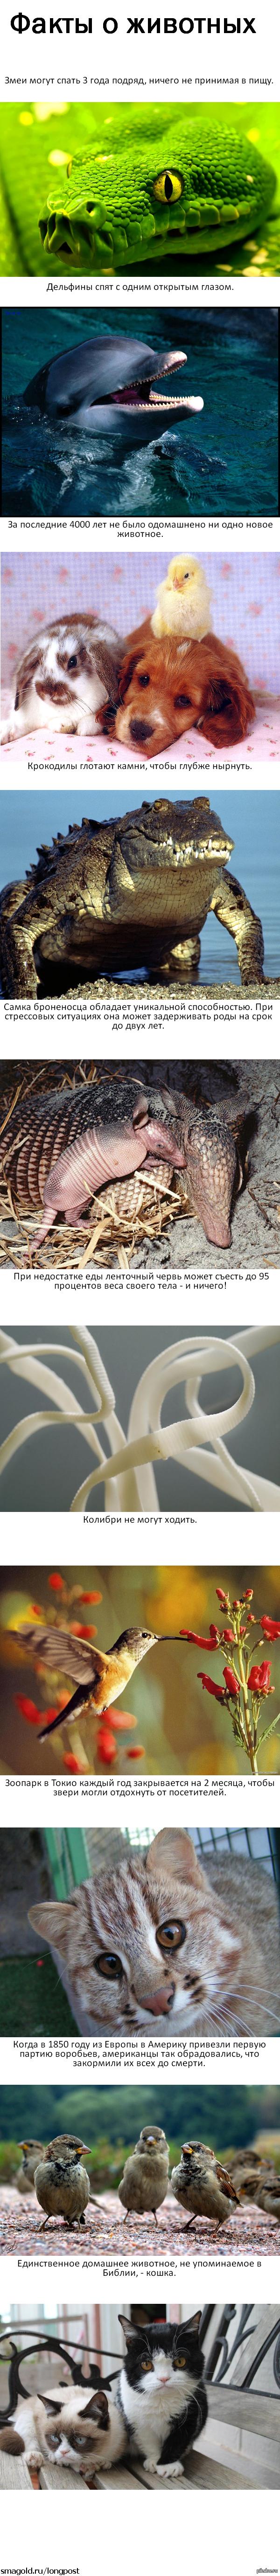 Интересные факты о животных. Длиннопост